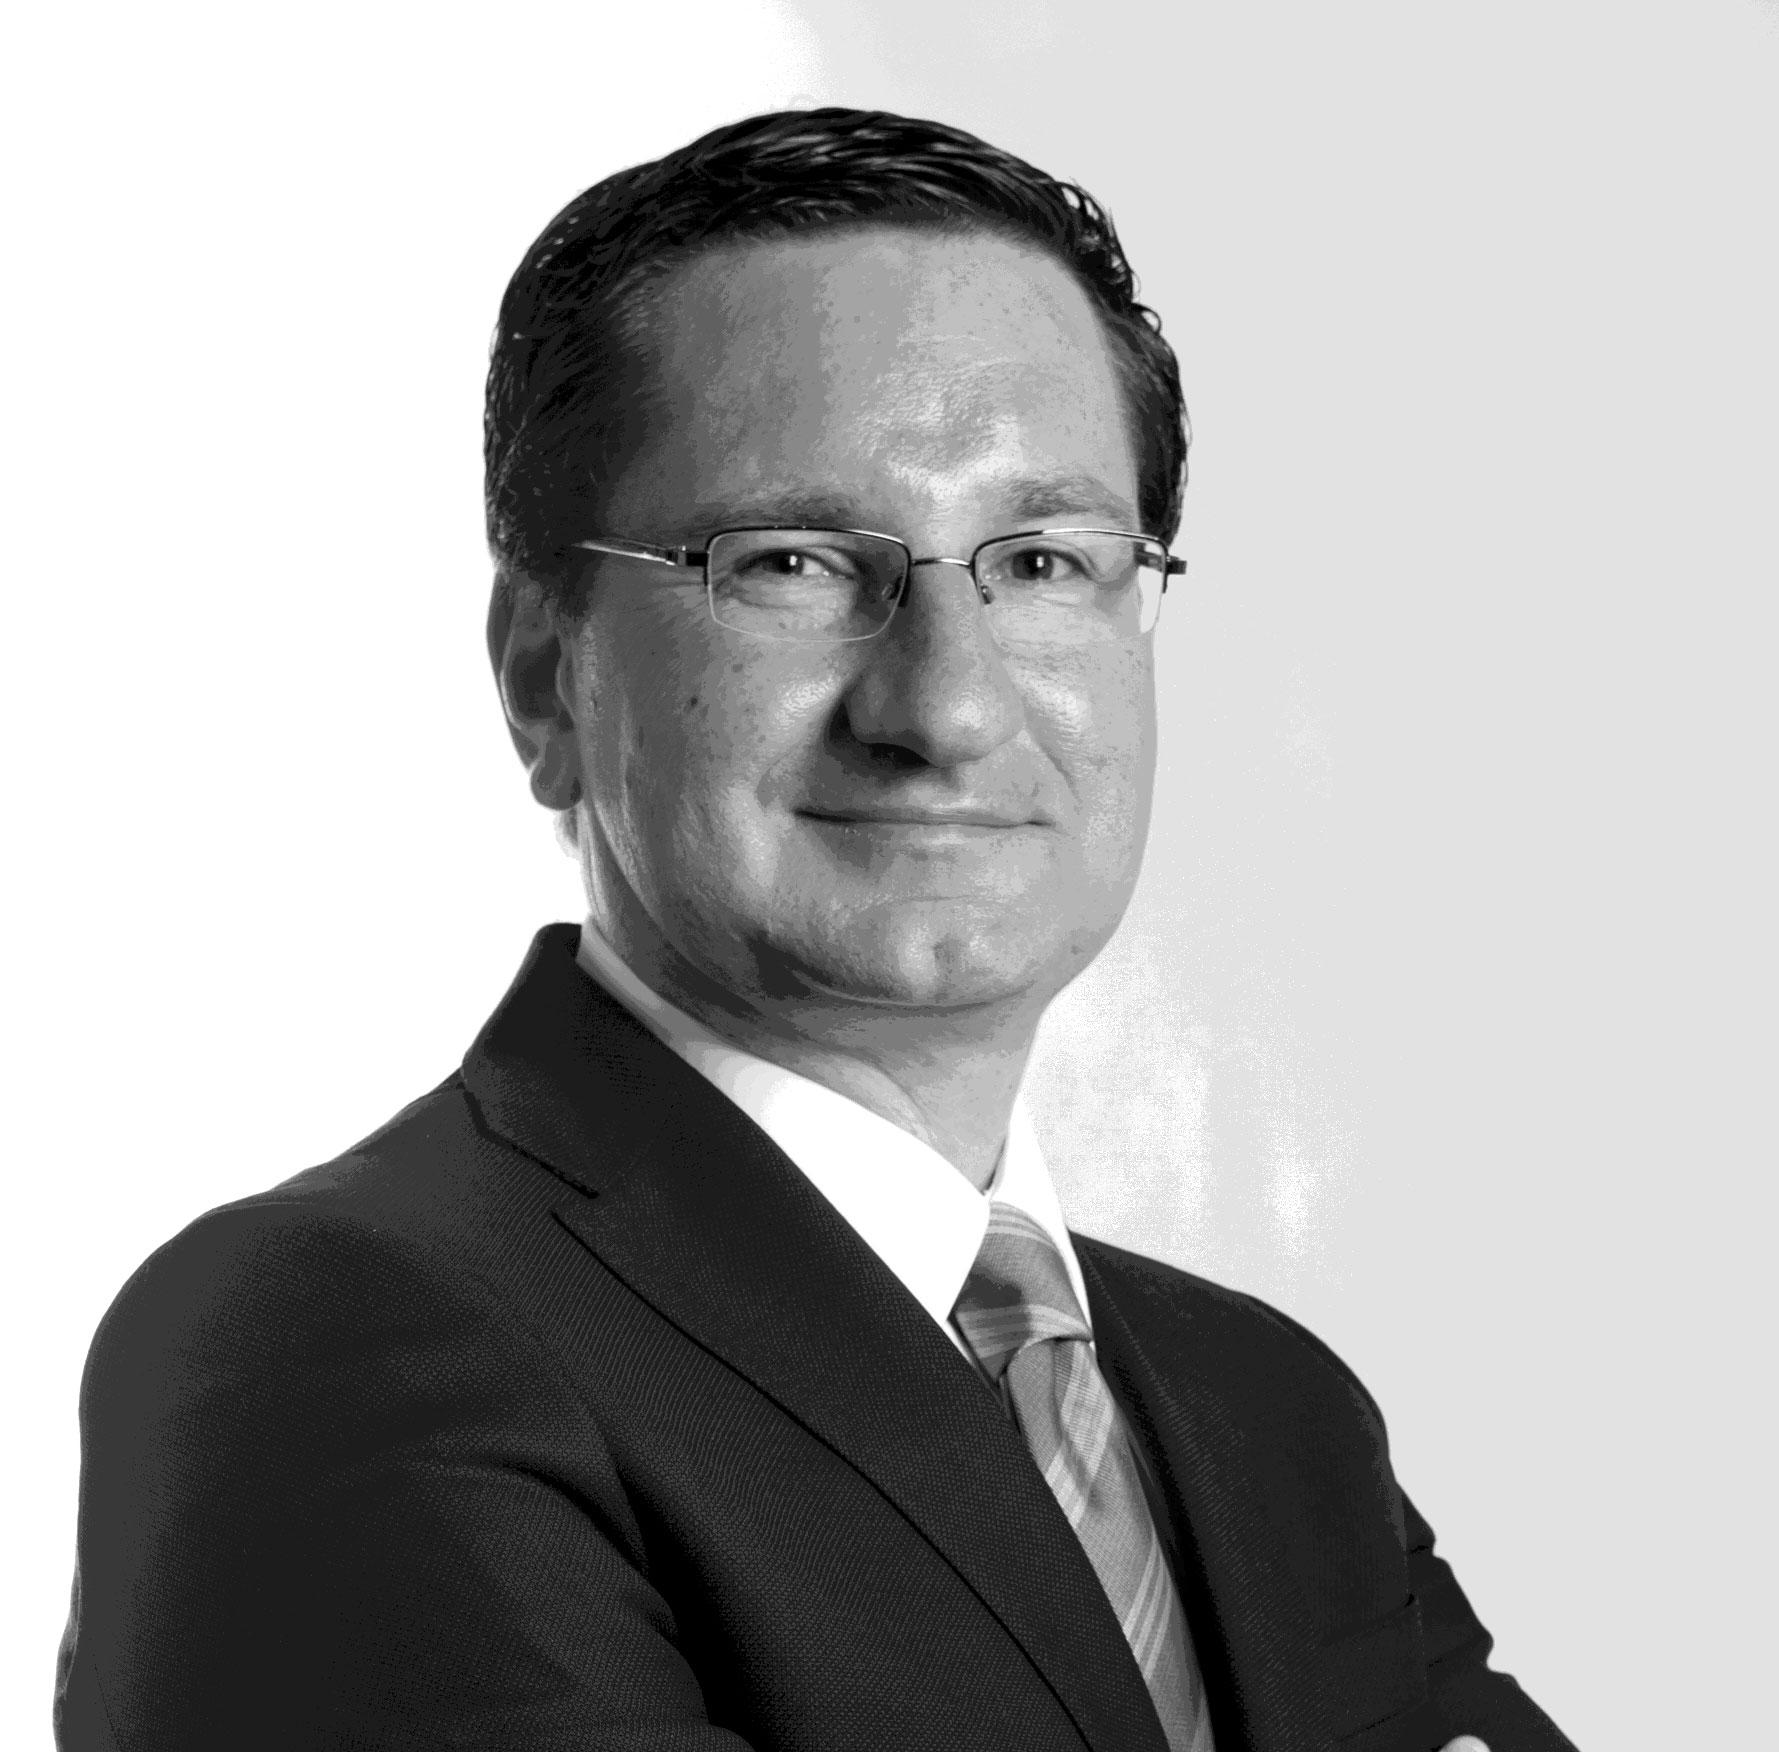 Sarvello riporterà a Lorenzo Paolini, amministratore delegato e vice presidente West & South Europe market operations Whirlpool Emea. - Sarvello1